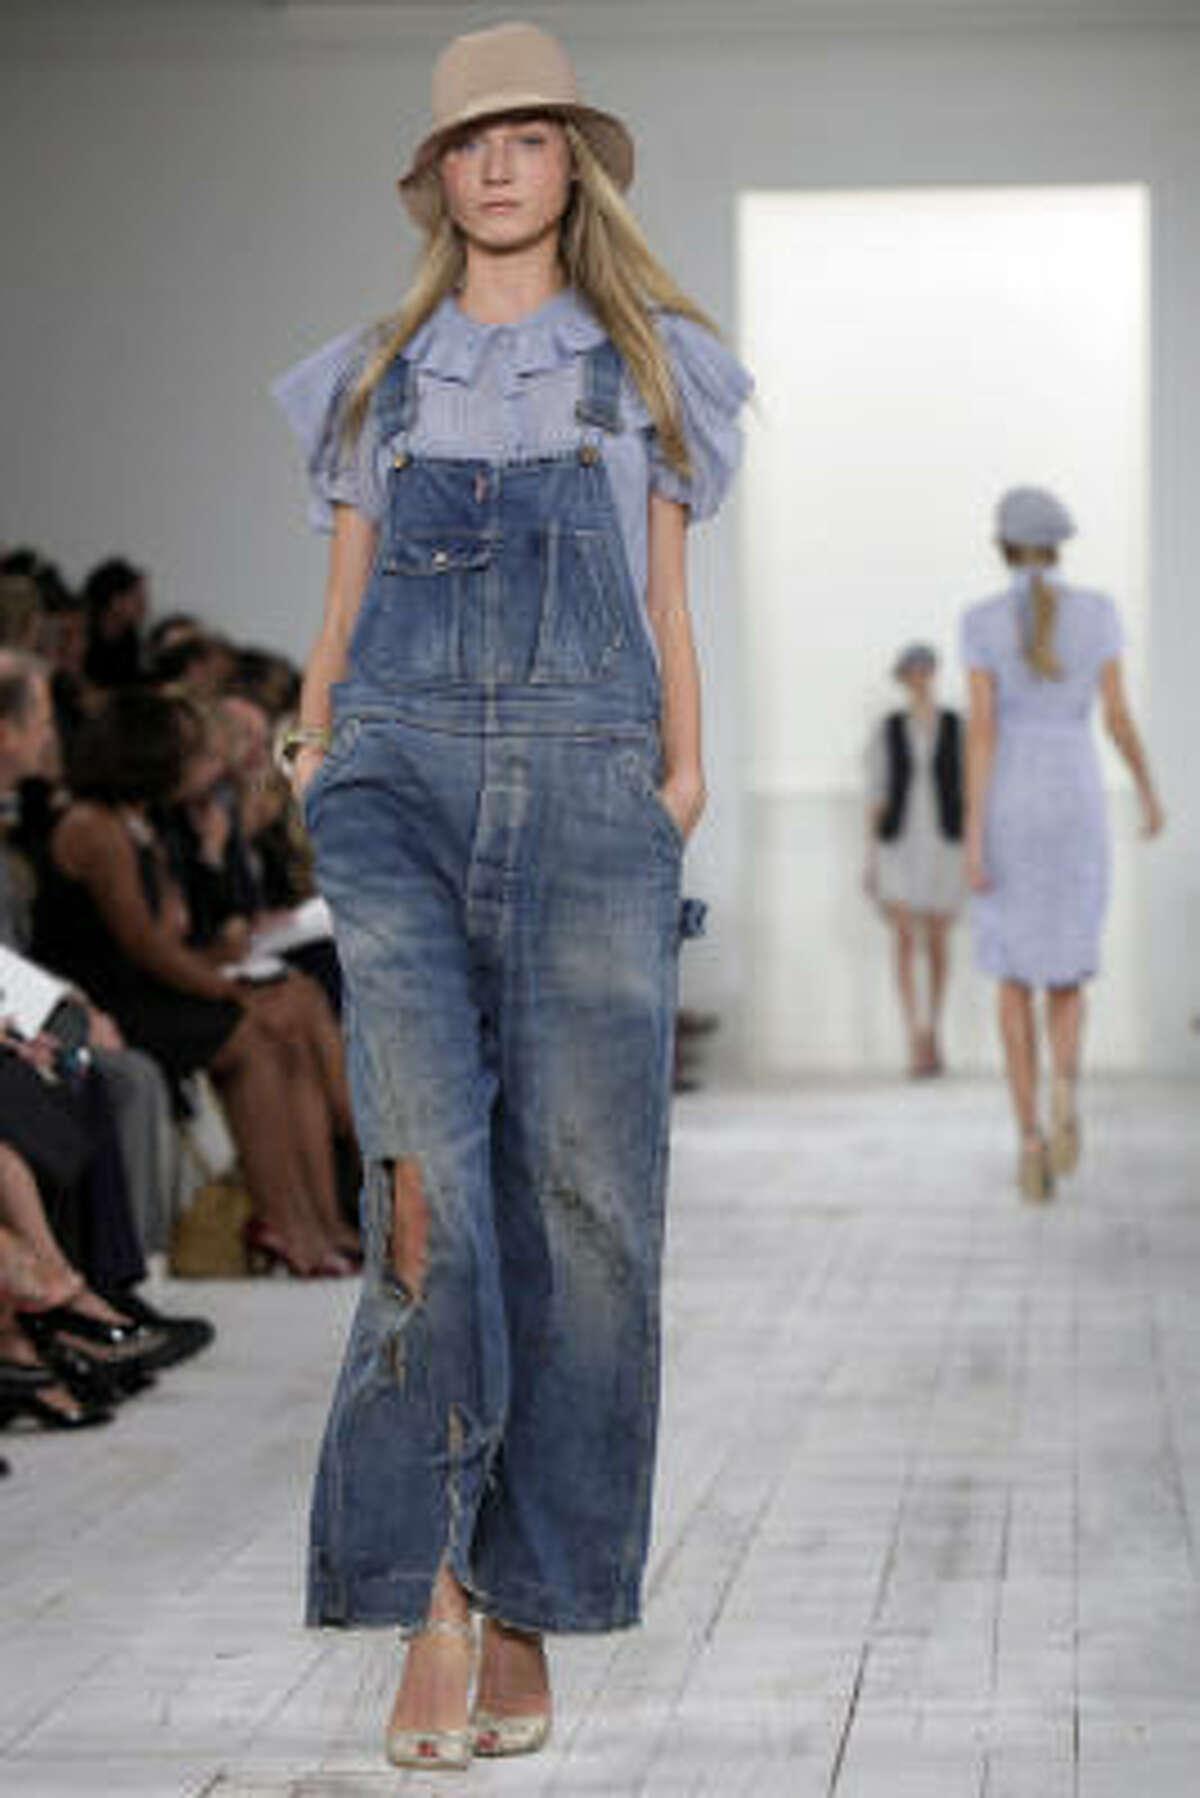 Ralph Lauren had overalls on the runway...